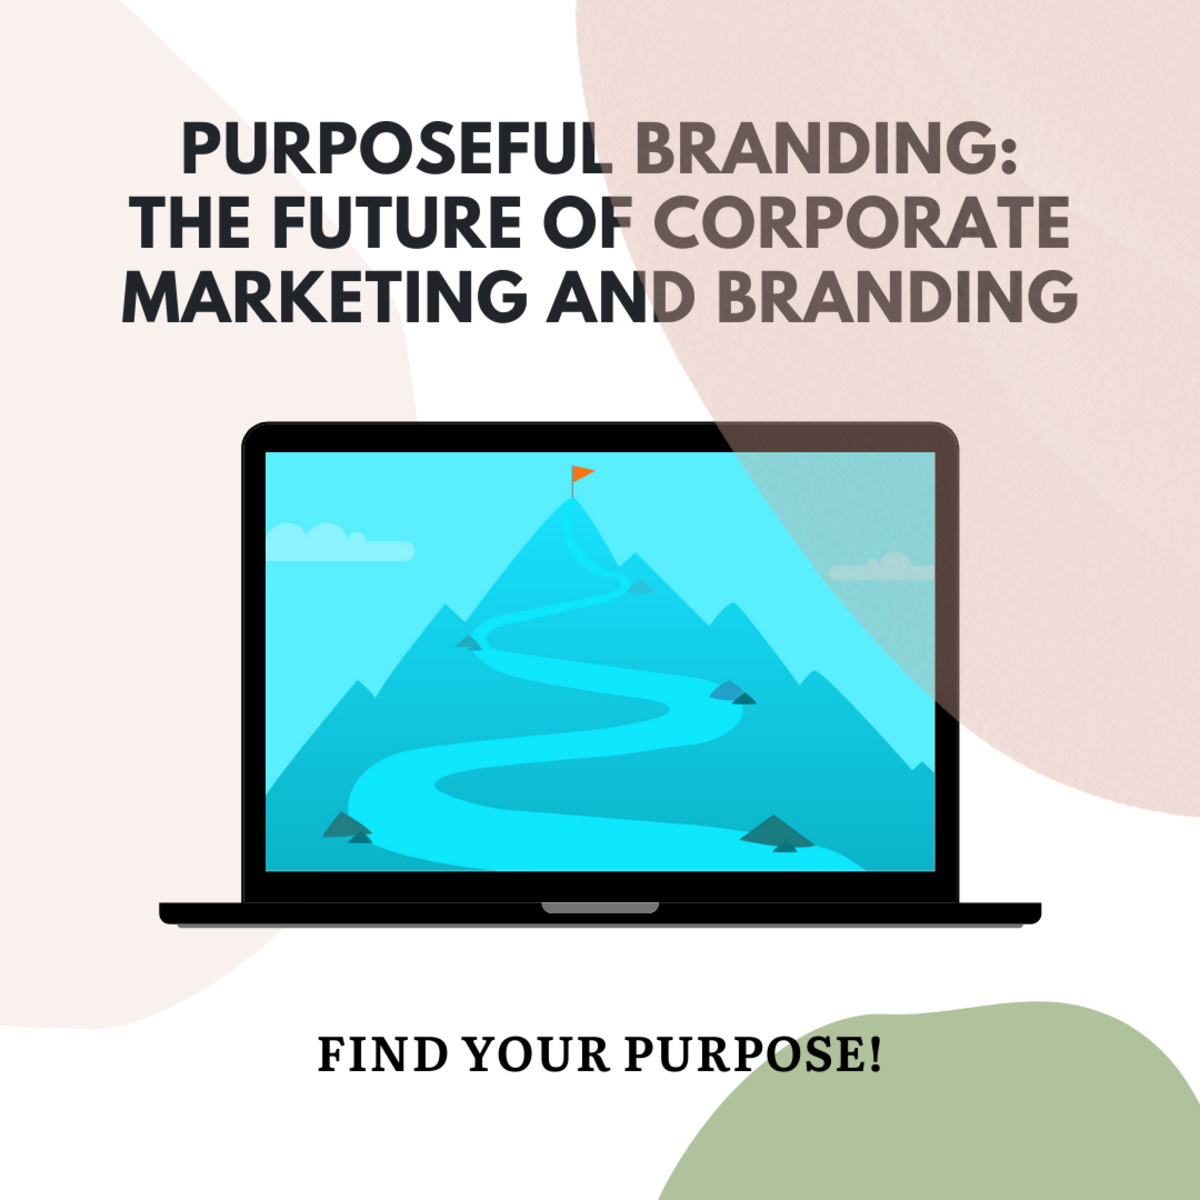 Purposeful Branding: The Future of Corporate Branding and Marketing